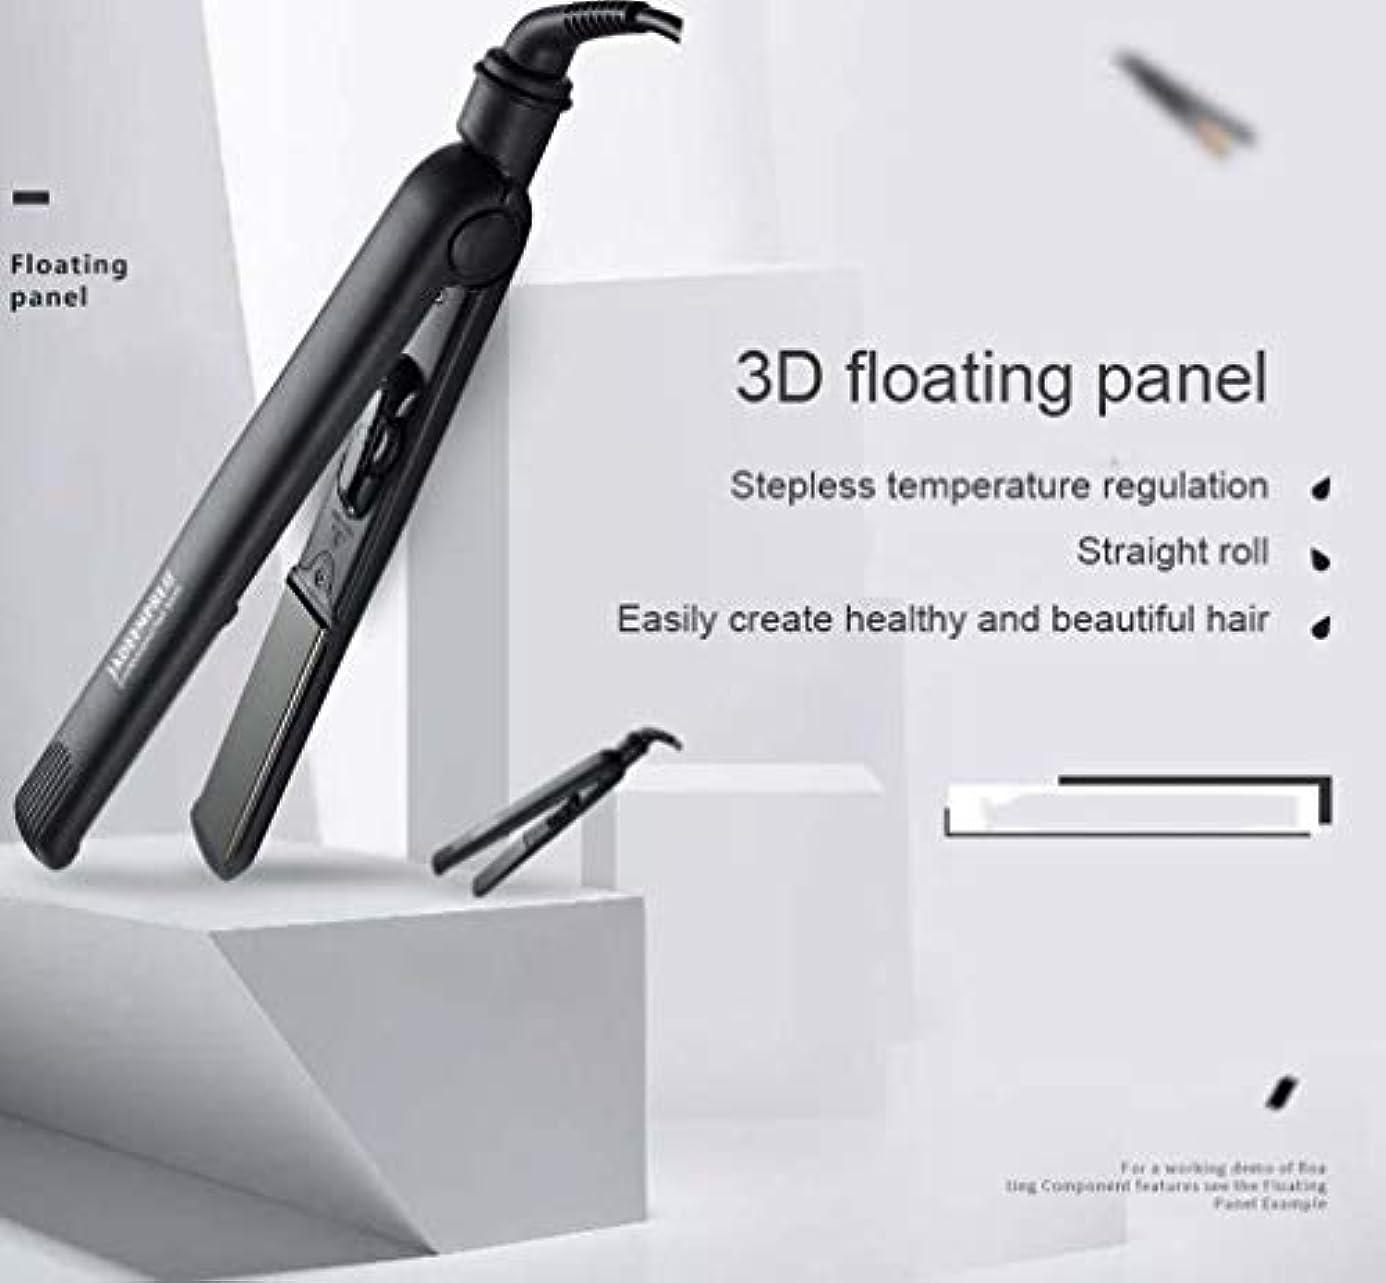 デッキファイターパドルストレイテナー整流板スプリント理髪ツール